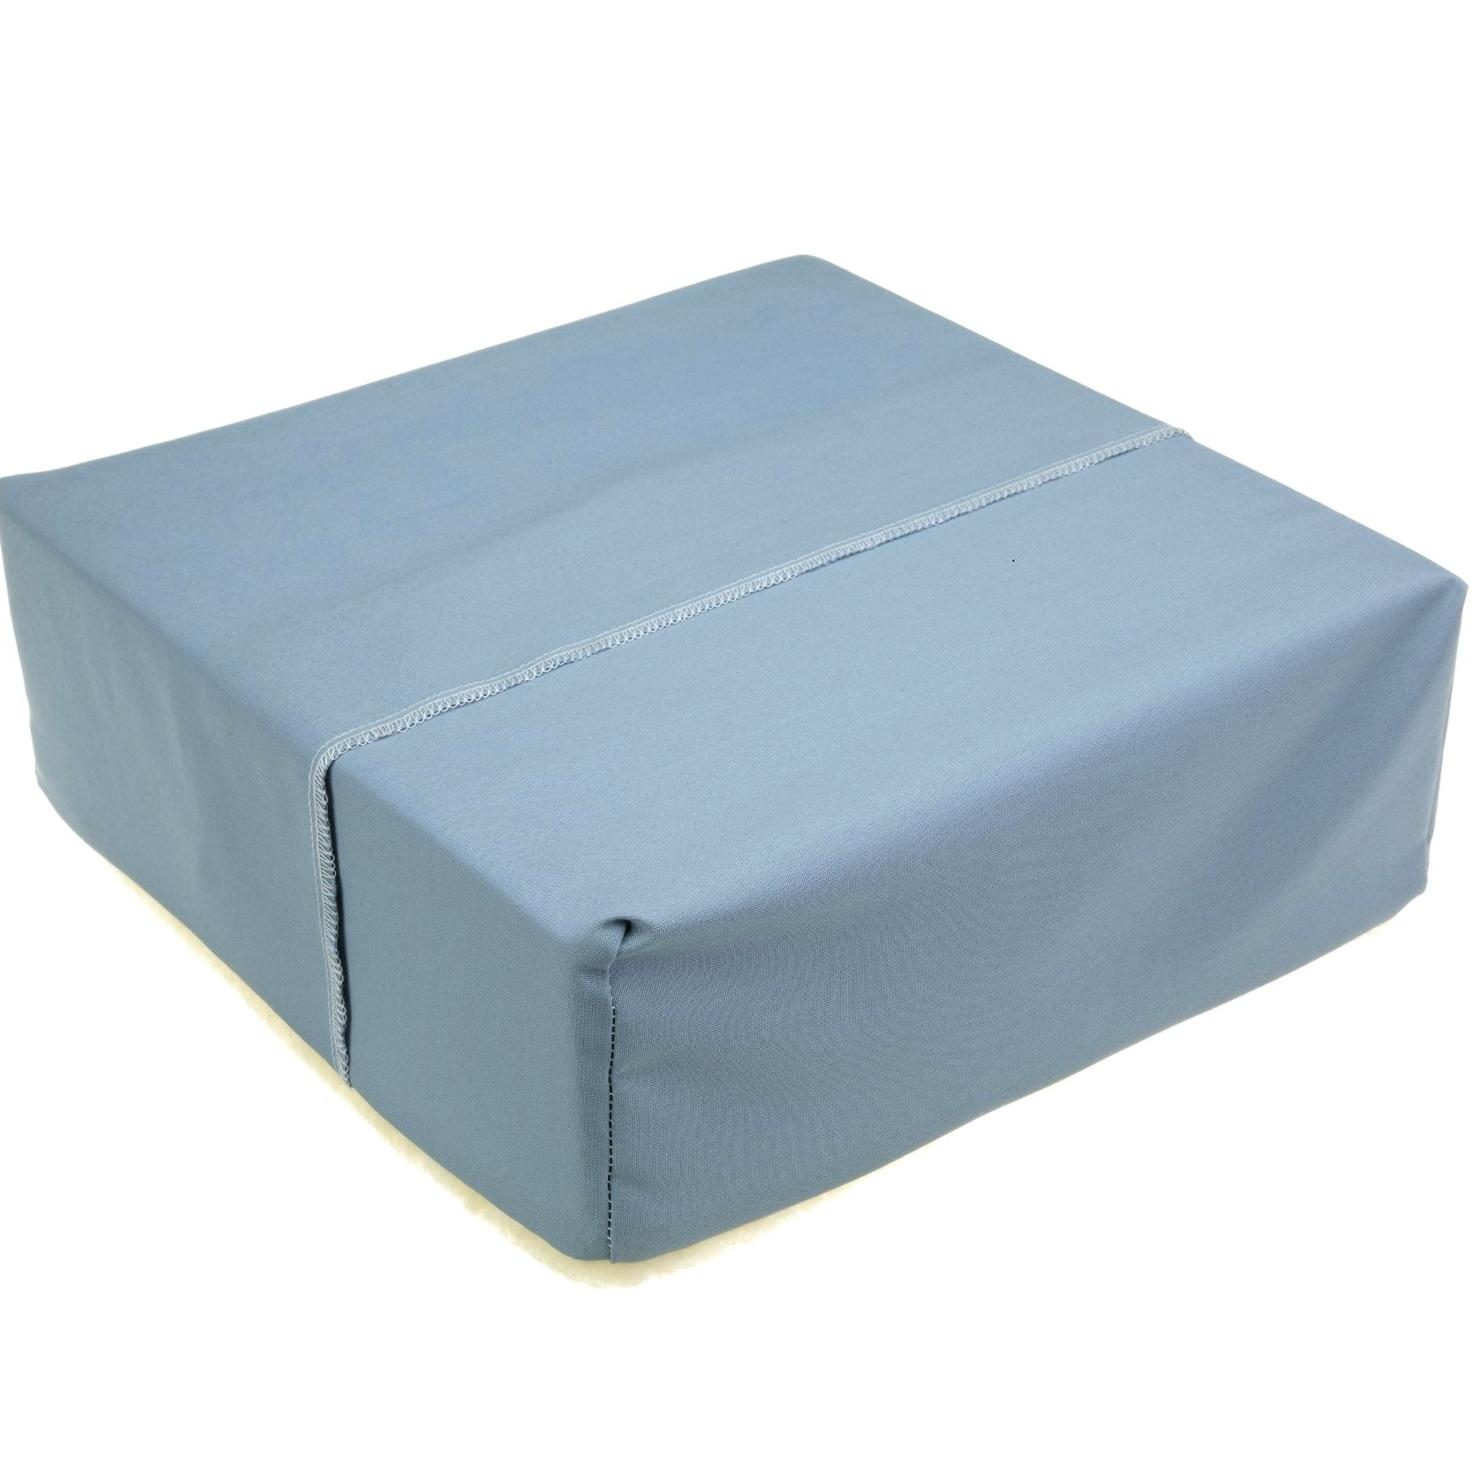 Chair Cushion Foam Material